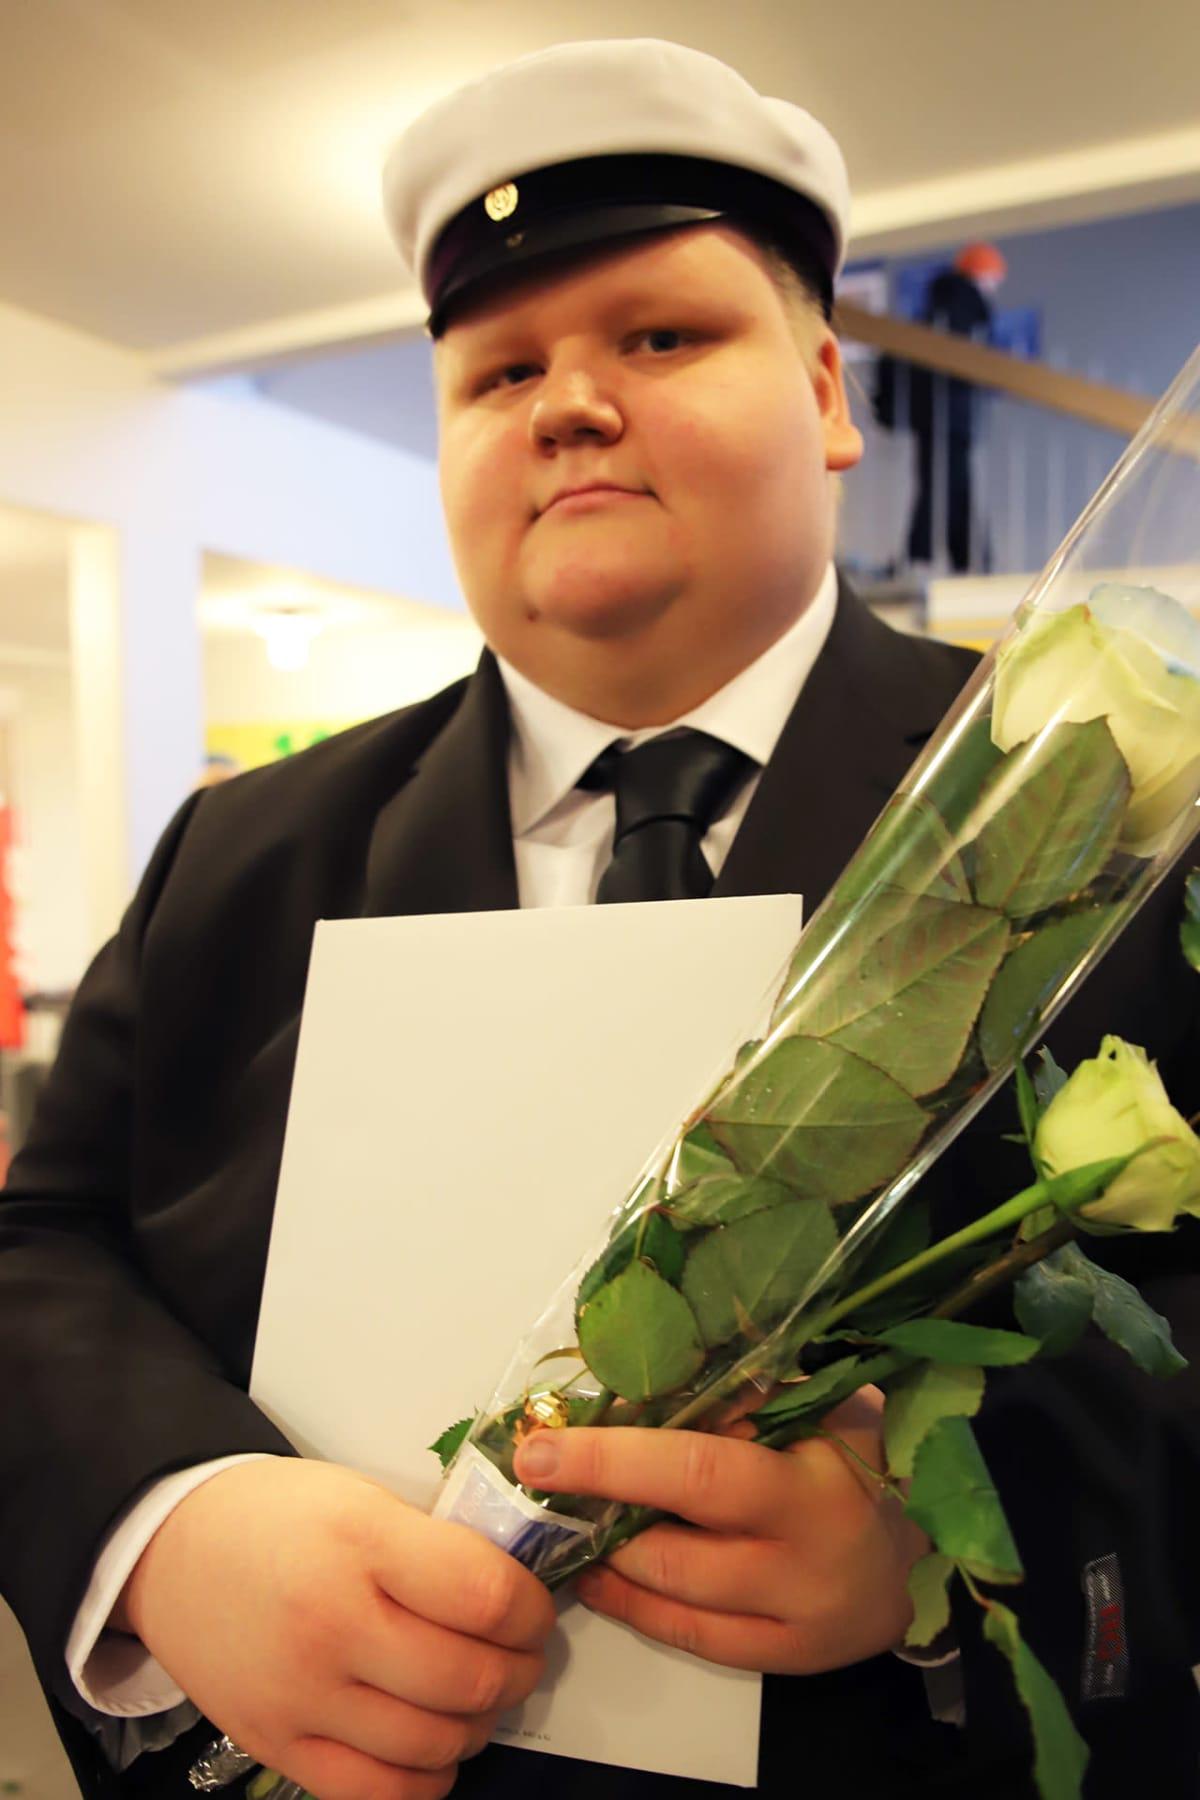 Teemu Kiviniemi valkolakki päässä, ruusut ja tutkintotodistus kädessään.